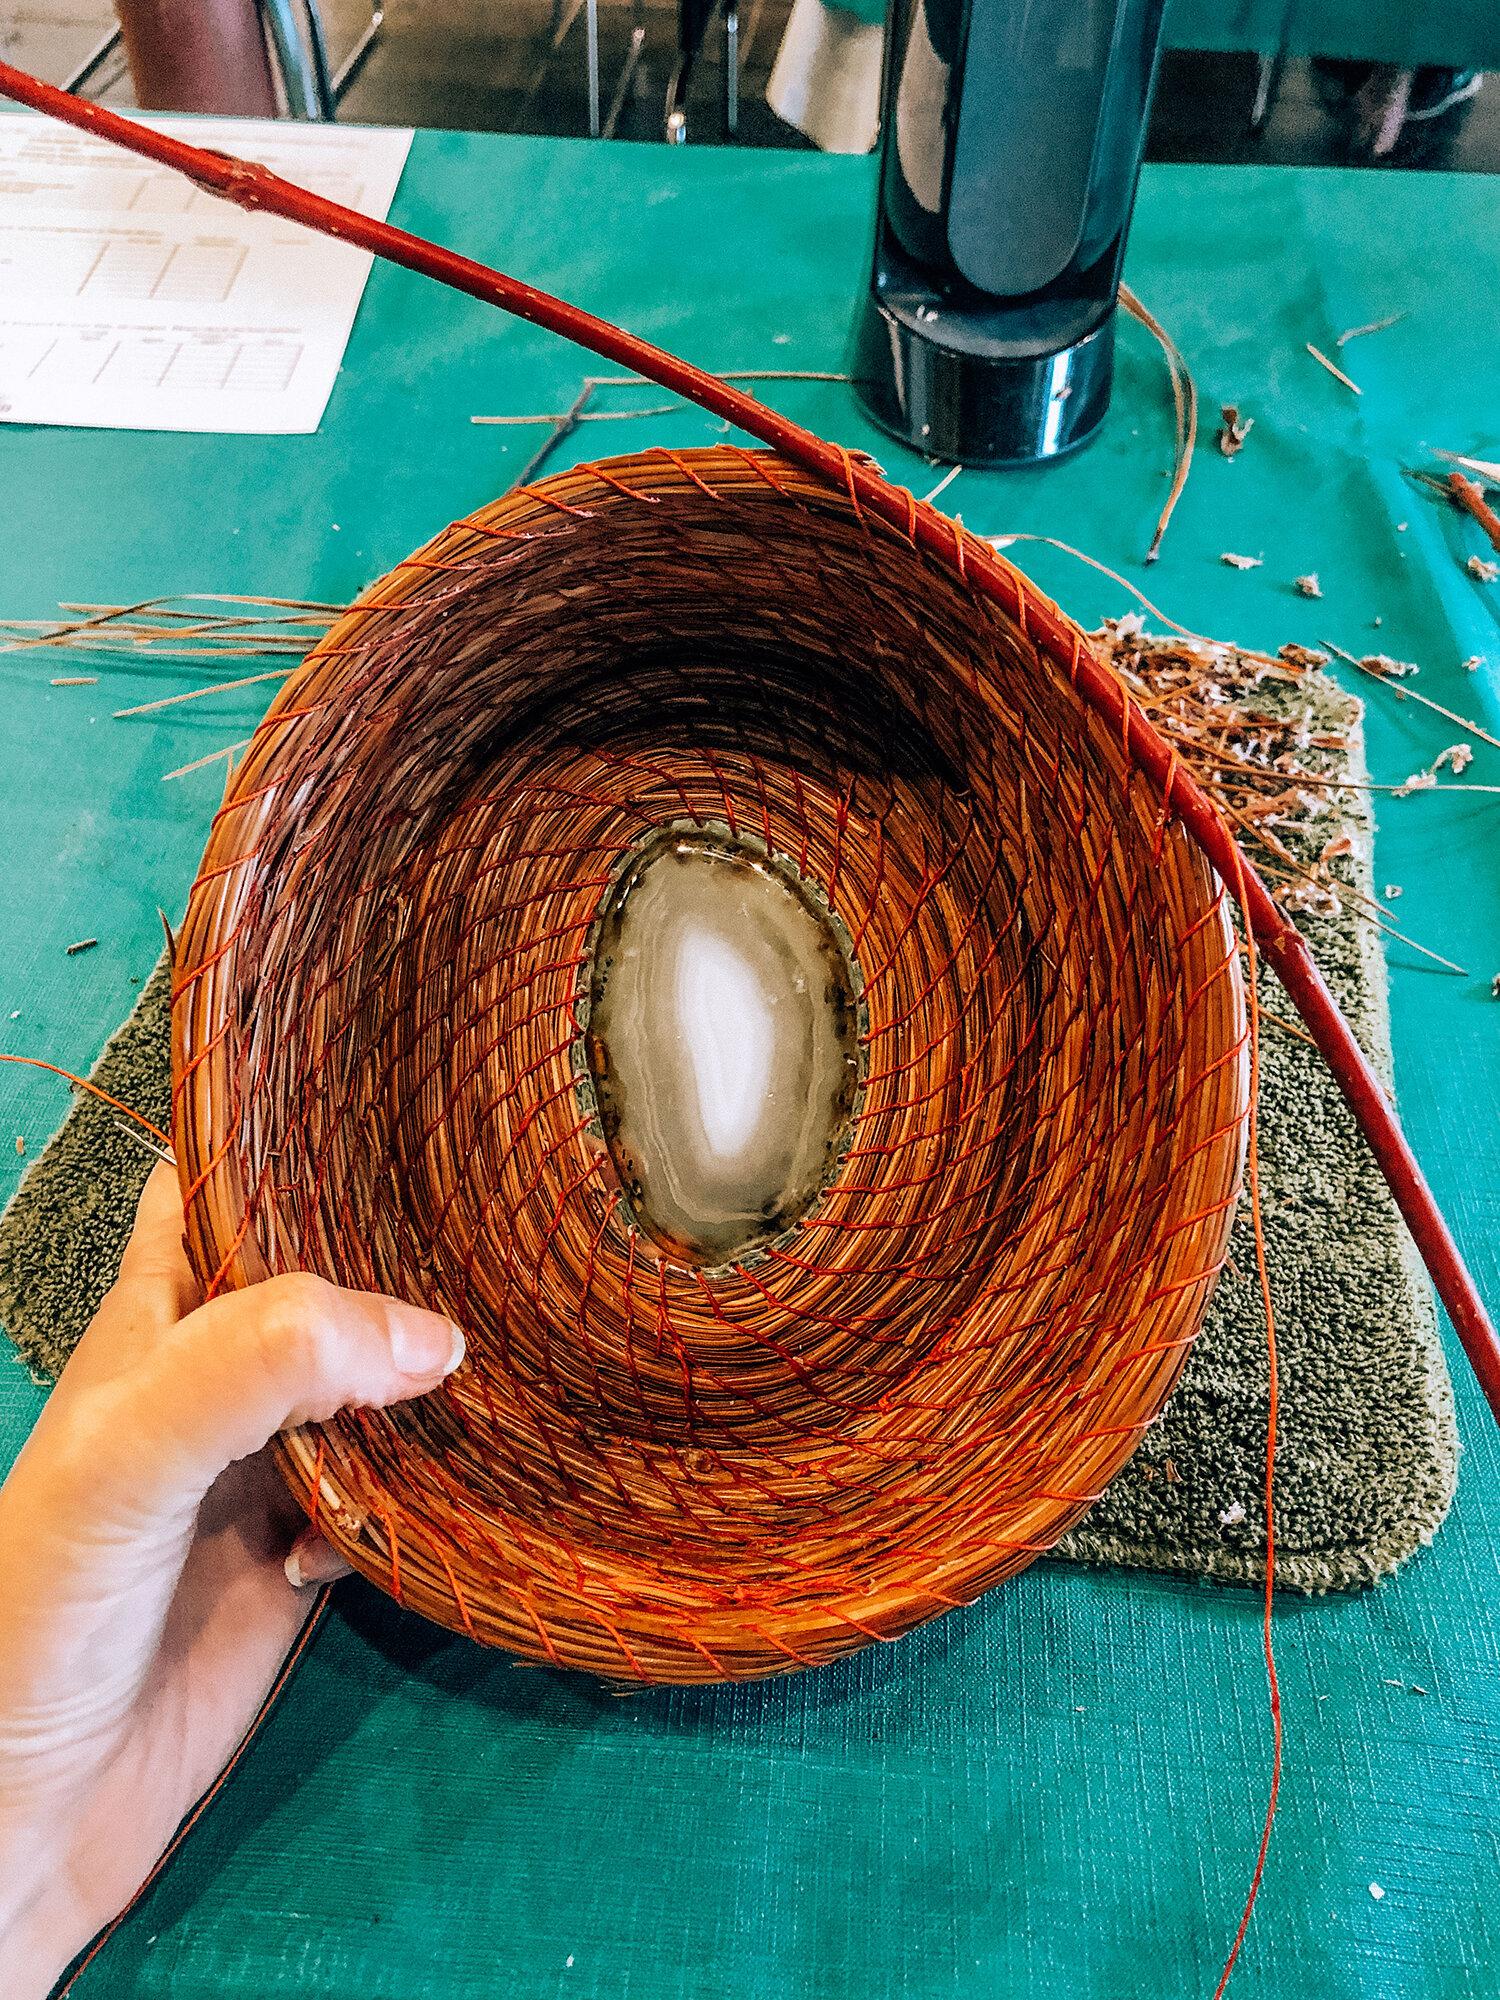 pine_needle_basket_finish.jpg